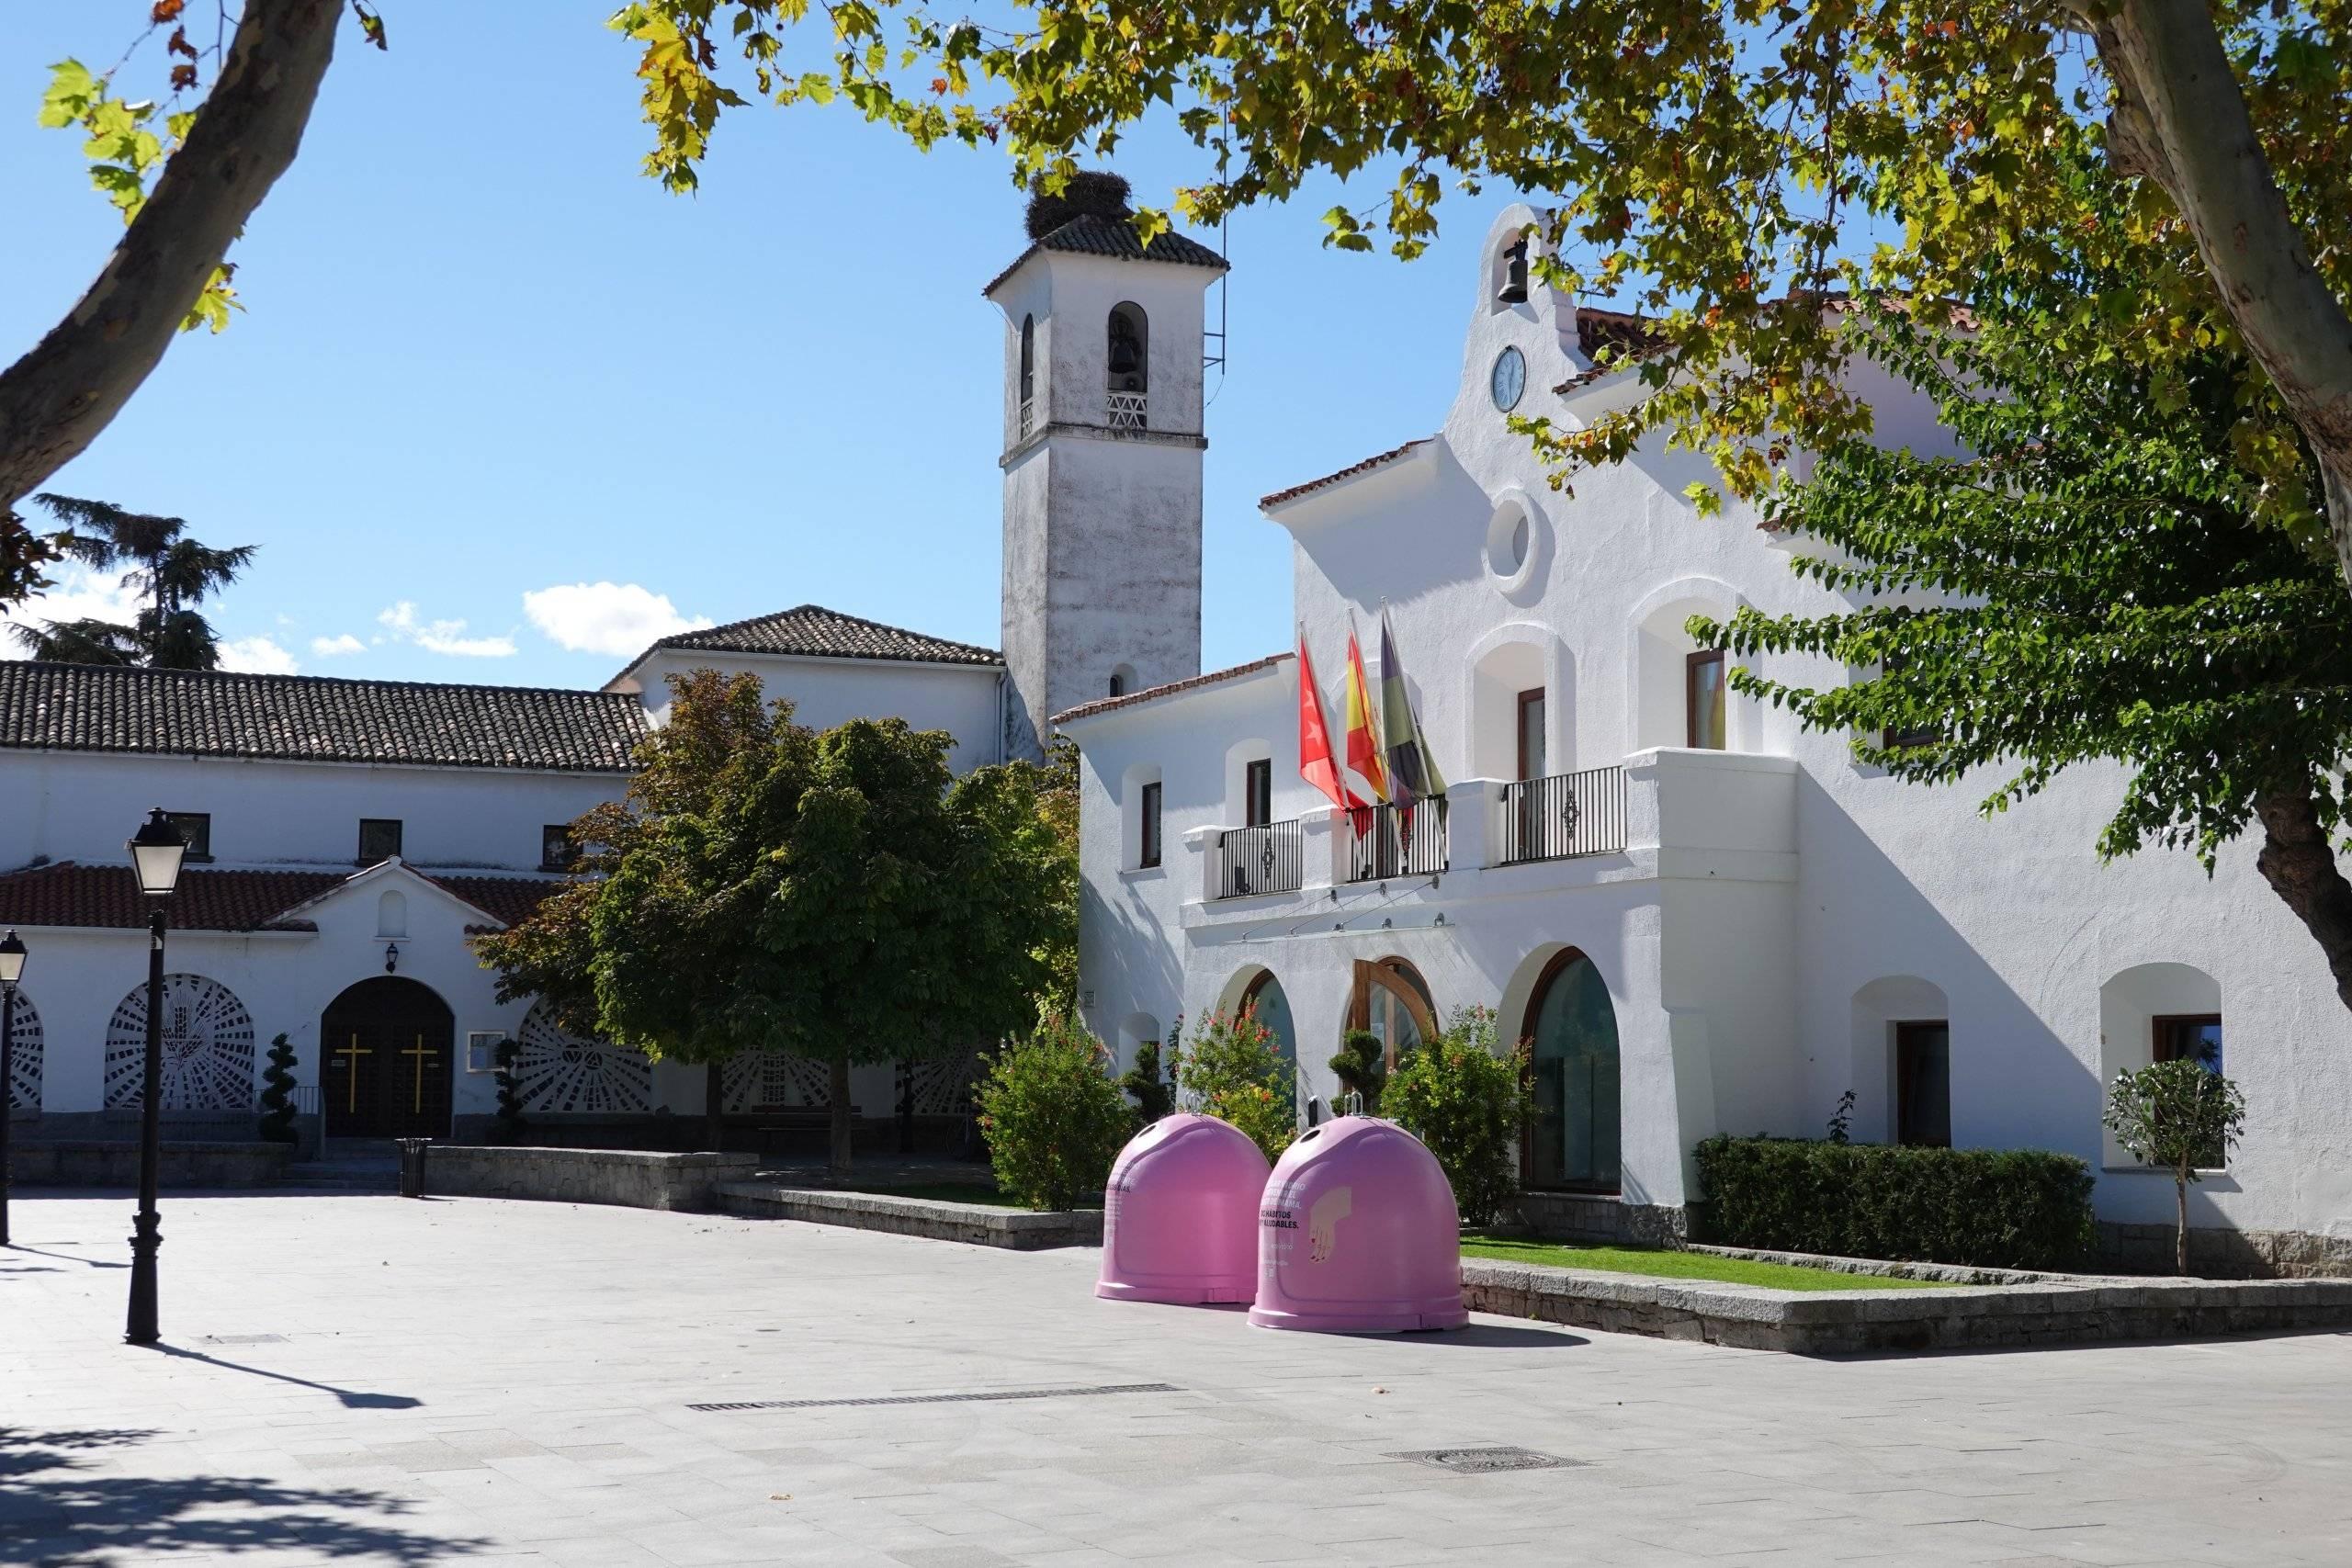 La plaza de España con los contenedores.